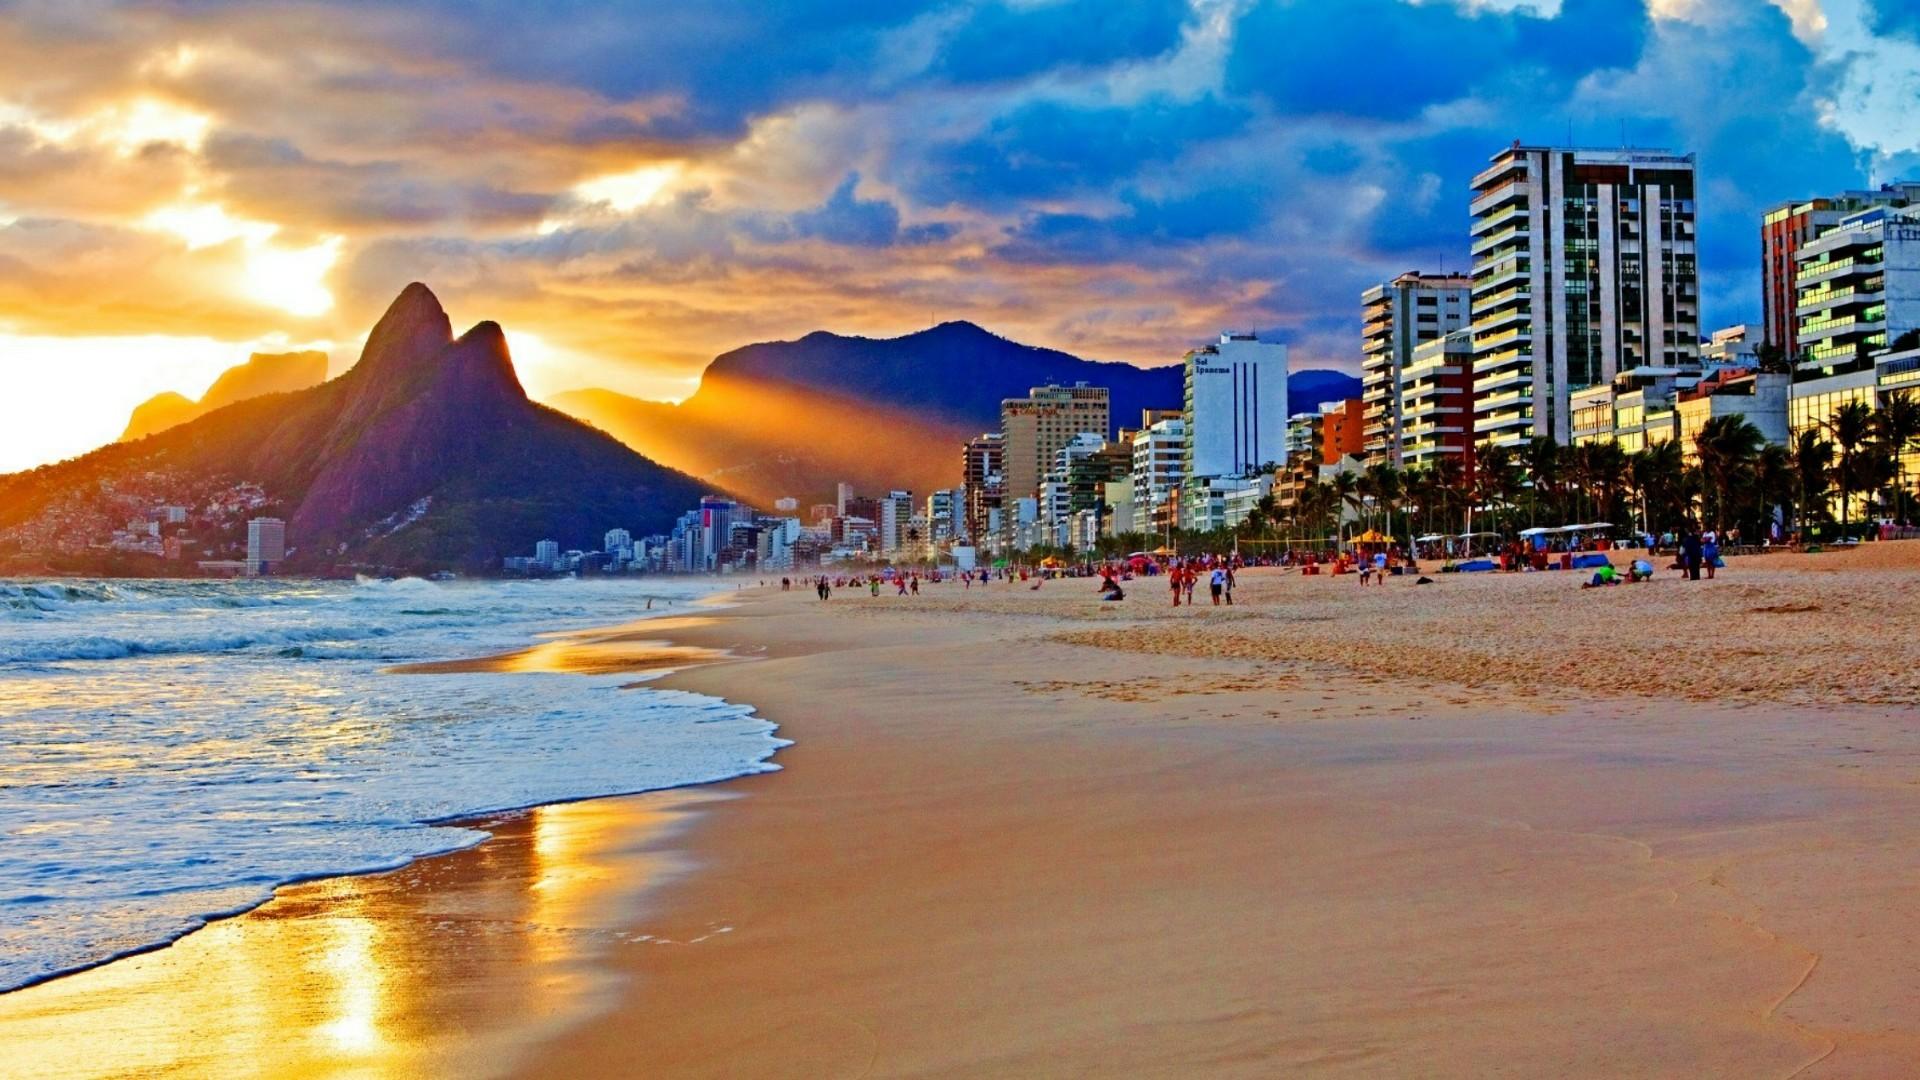 Christ The Redeemer Hd Wallpaper Rio De Janeiro Wallpaper 68 Images